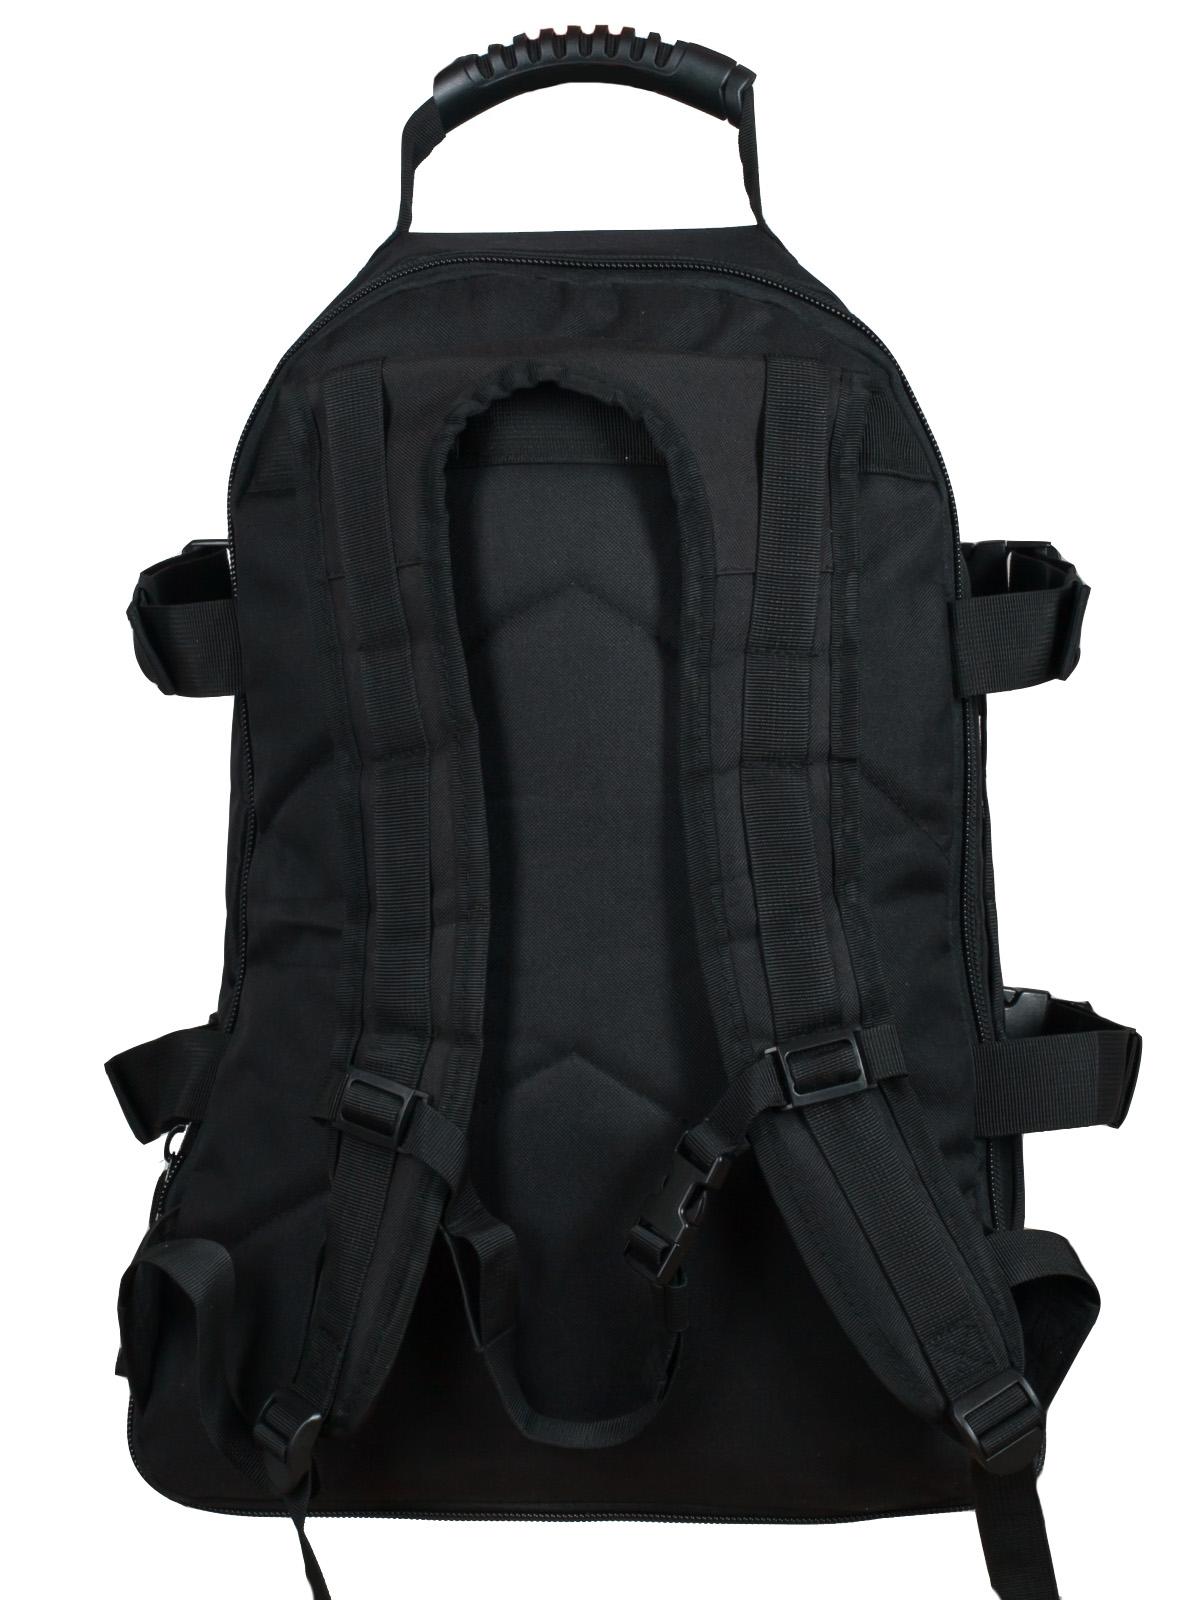 Универсальный охотничий рюкзак с нашивкой Ни Пуха ни Пера - купить по лучшей цене